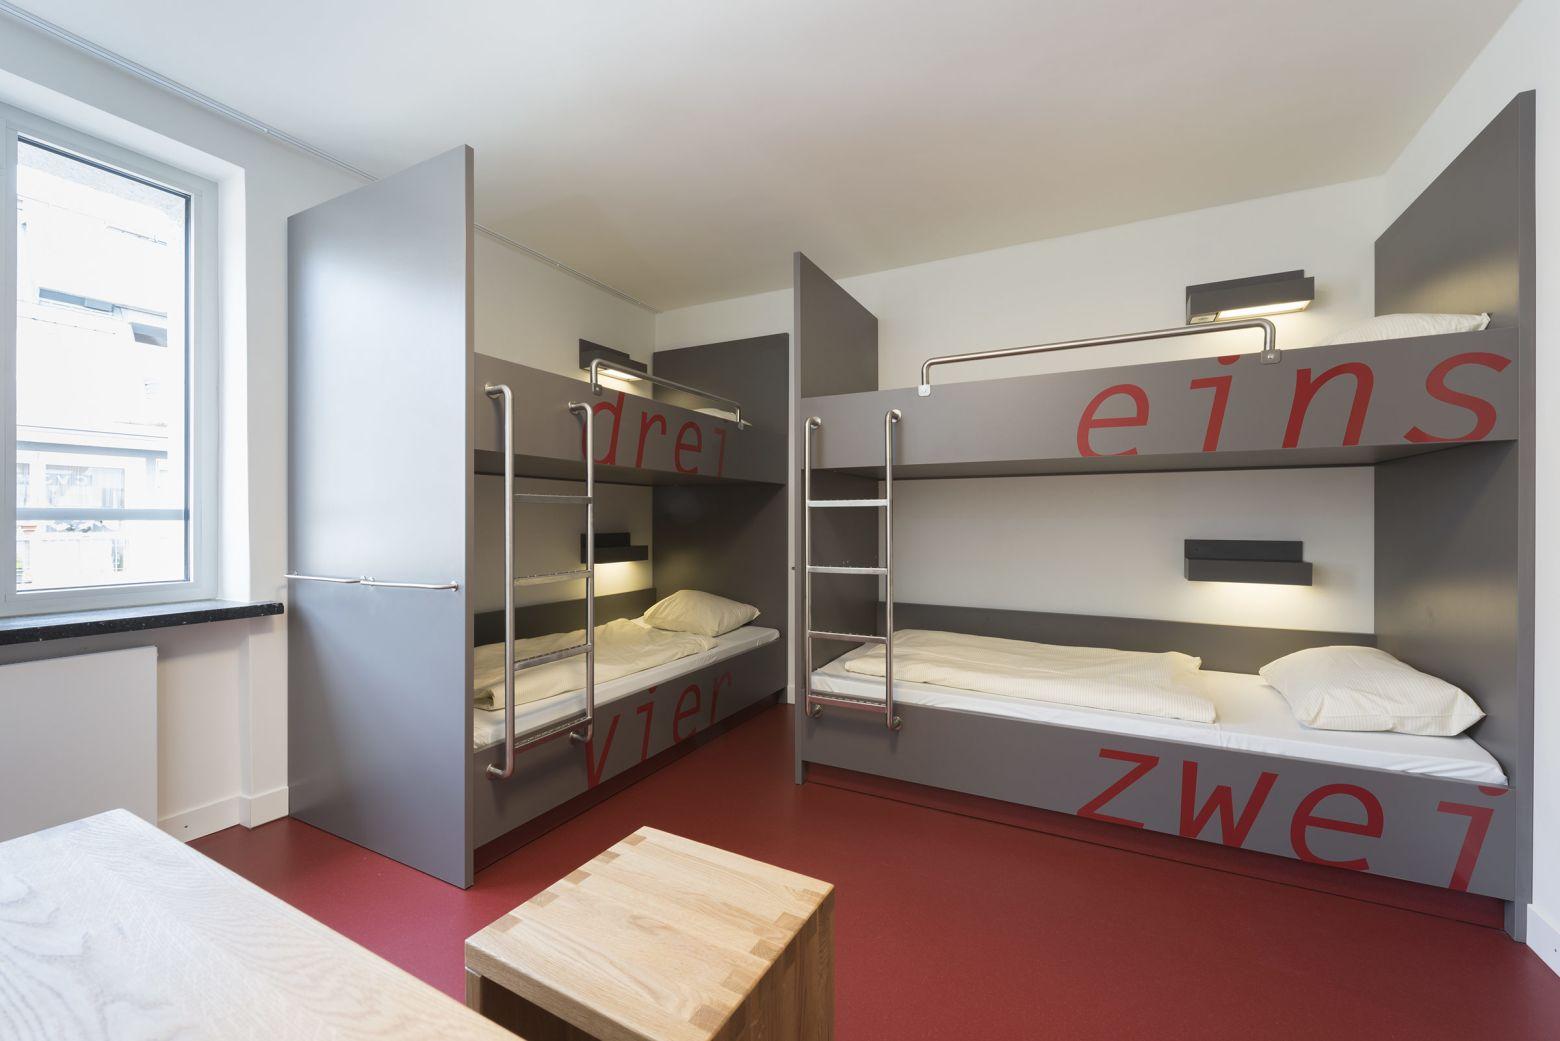 Vierbettzimmer Typ 2